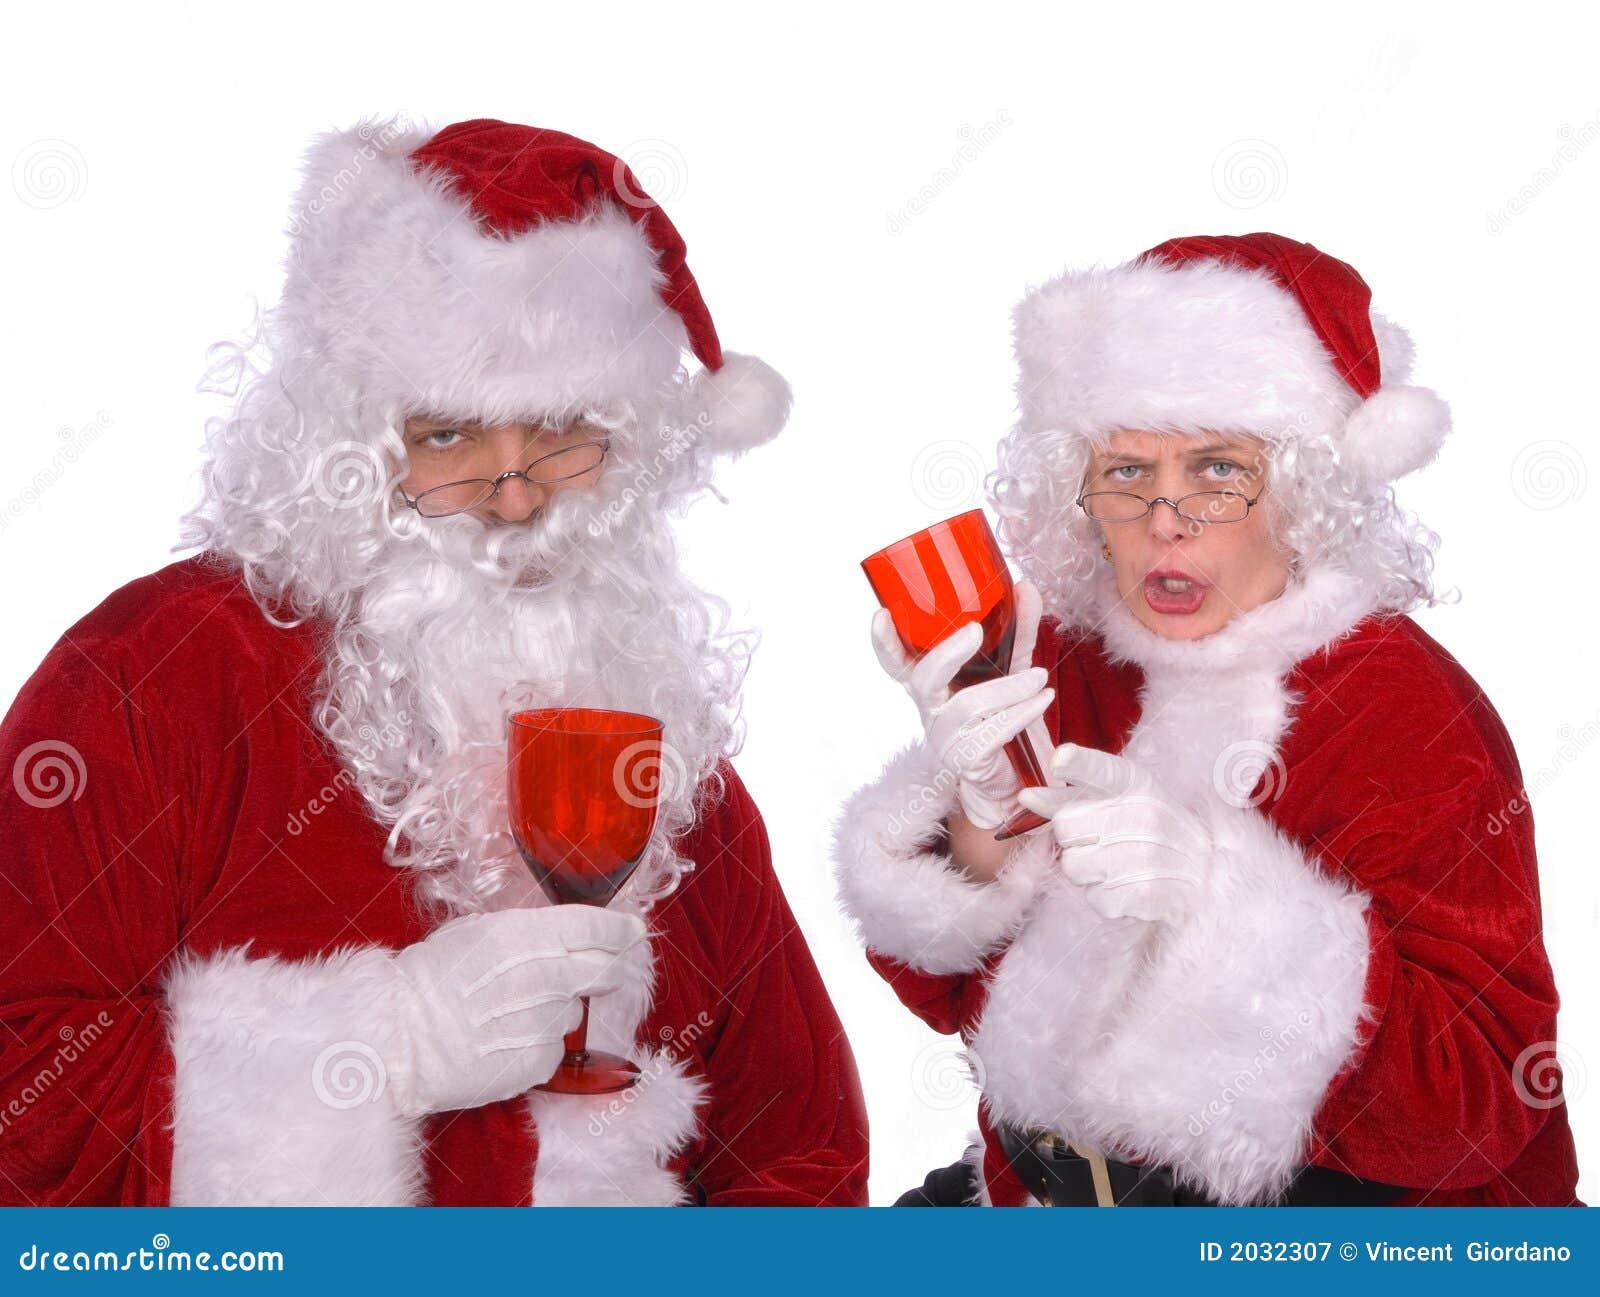 Santa klaus and mr nobel sexducates nasty teen - 3 7